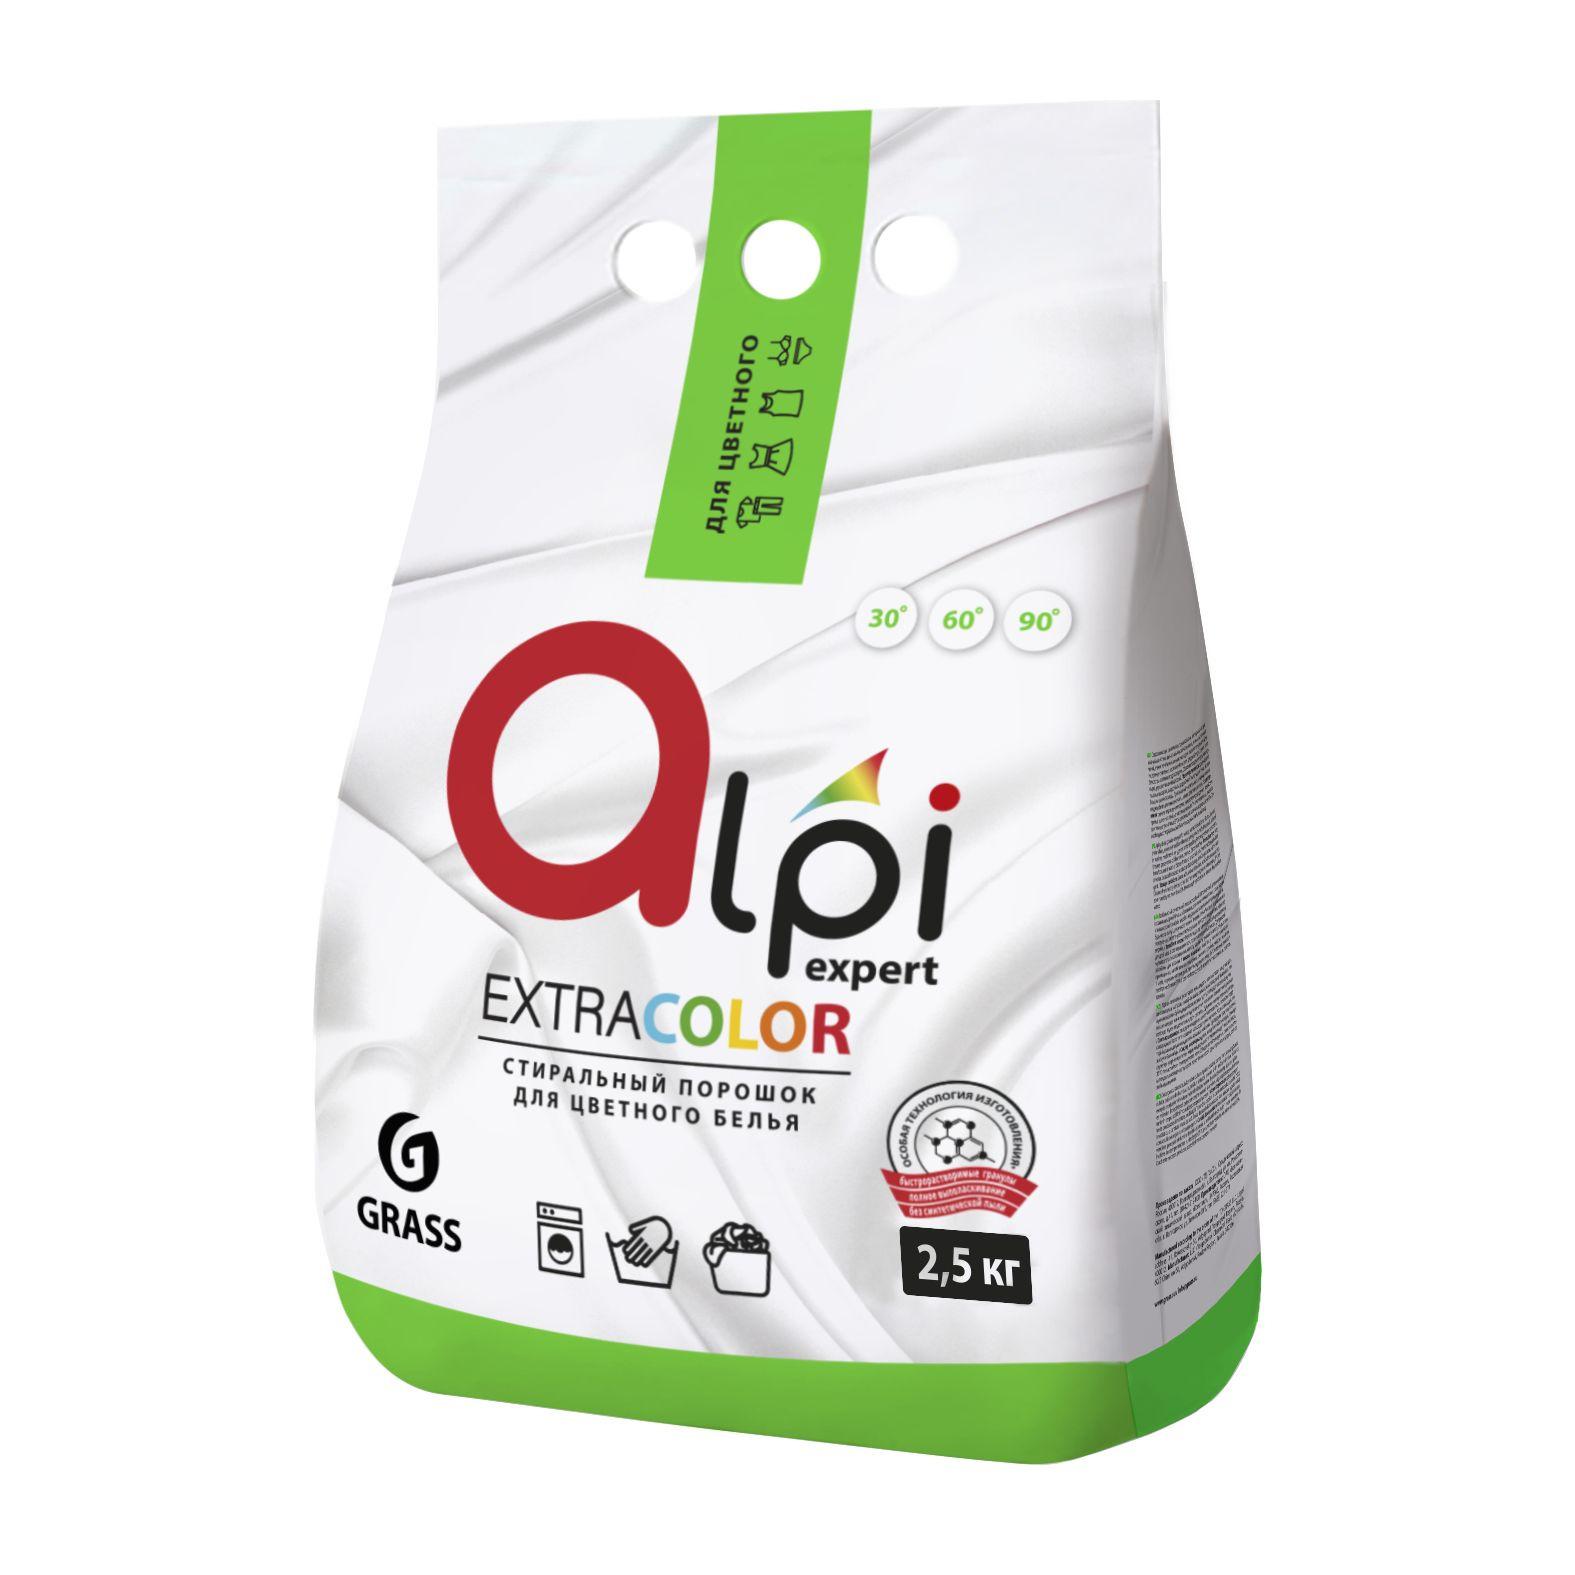 Стиральный порошок Grass Alpi Expert, для цветного белья, 2,5 кг средство для стирки цветного белья alpi 1 5 л гель концентрат 1 6 grass